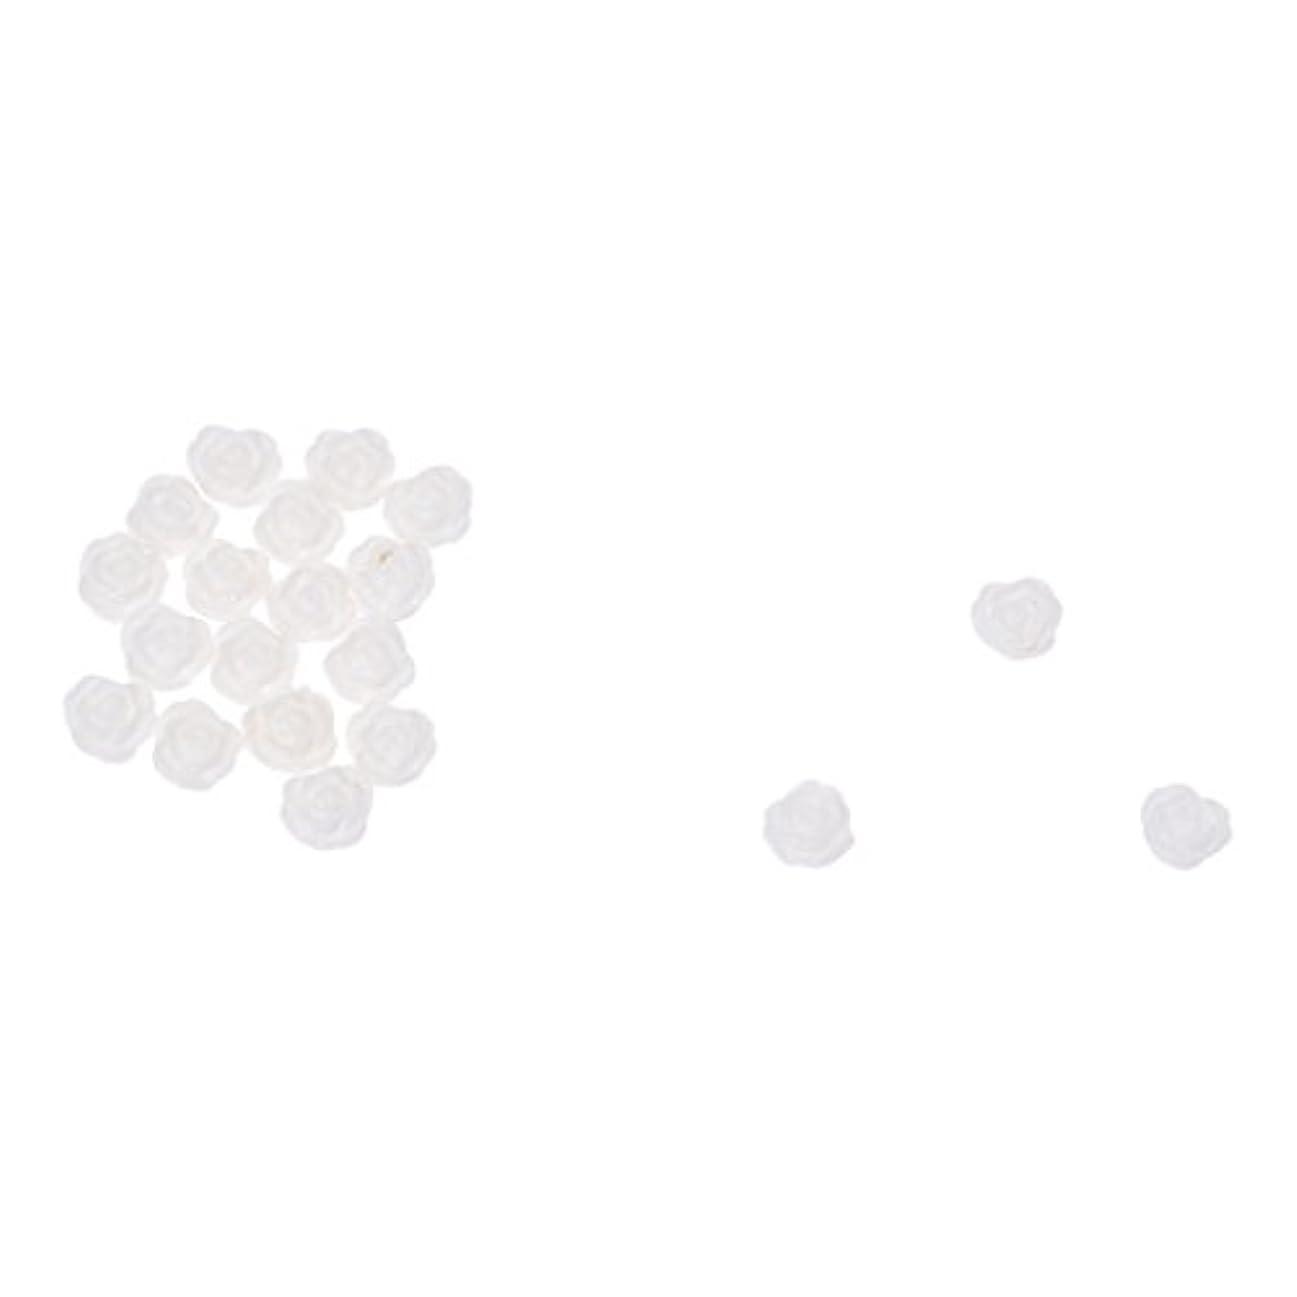 愛するチロ達成するACAMPTAR ACAMPTAR(R)20×アクリル 3D 白い花 スライスネイルアートヒント UVジェル DIYデコレーション